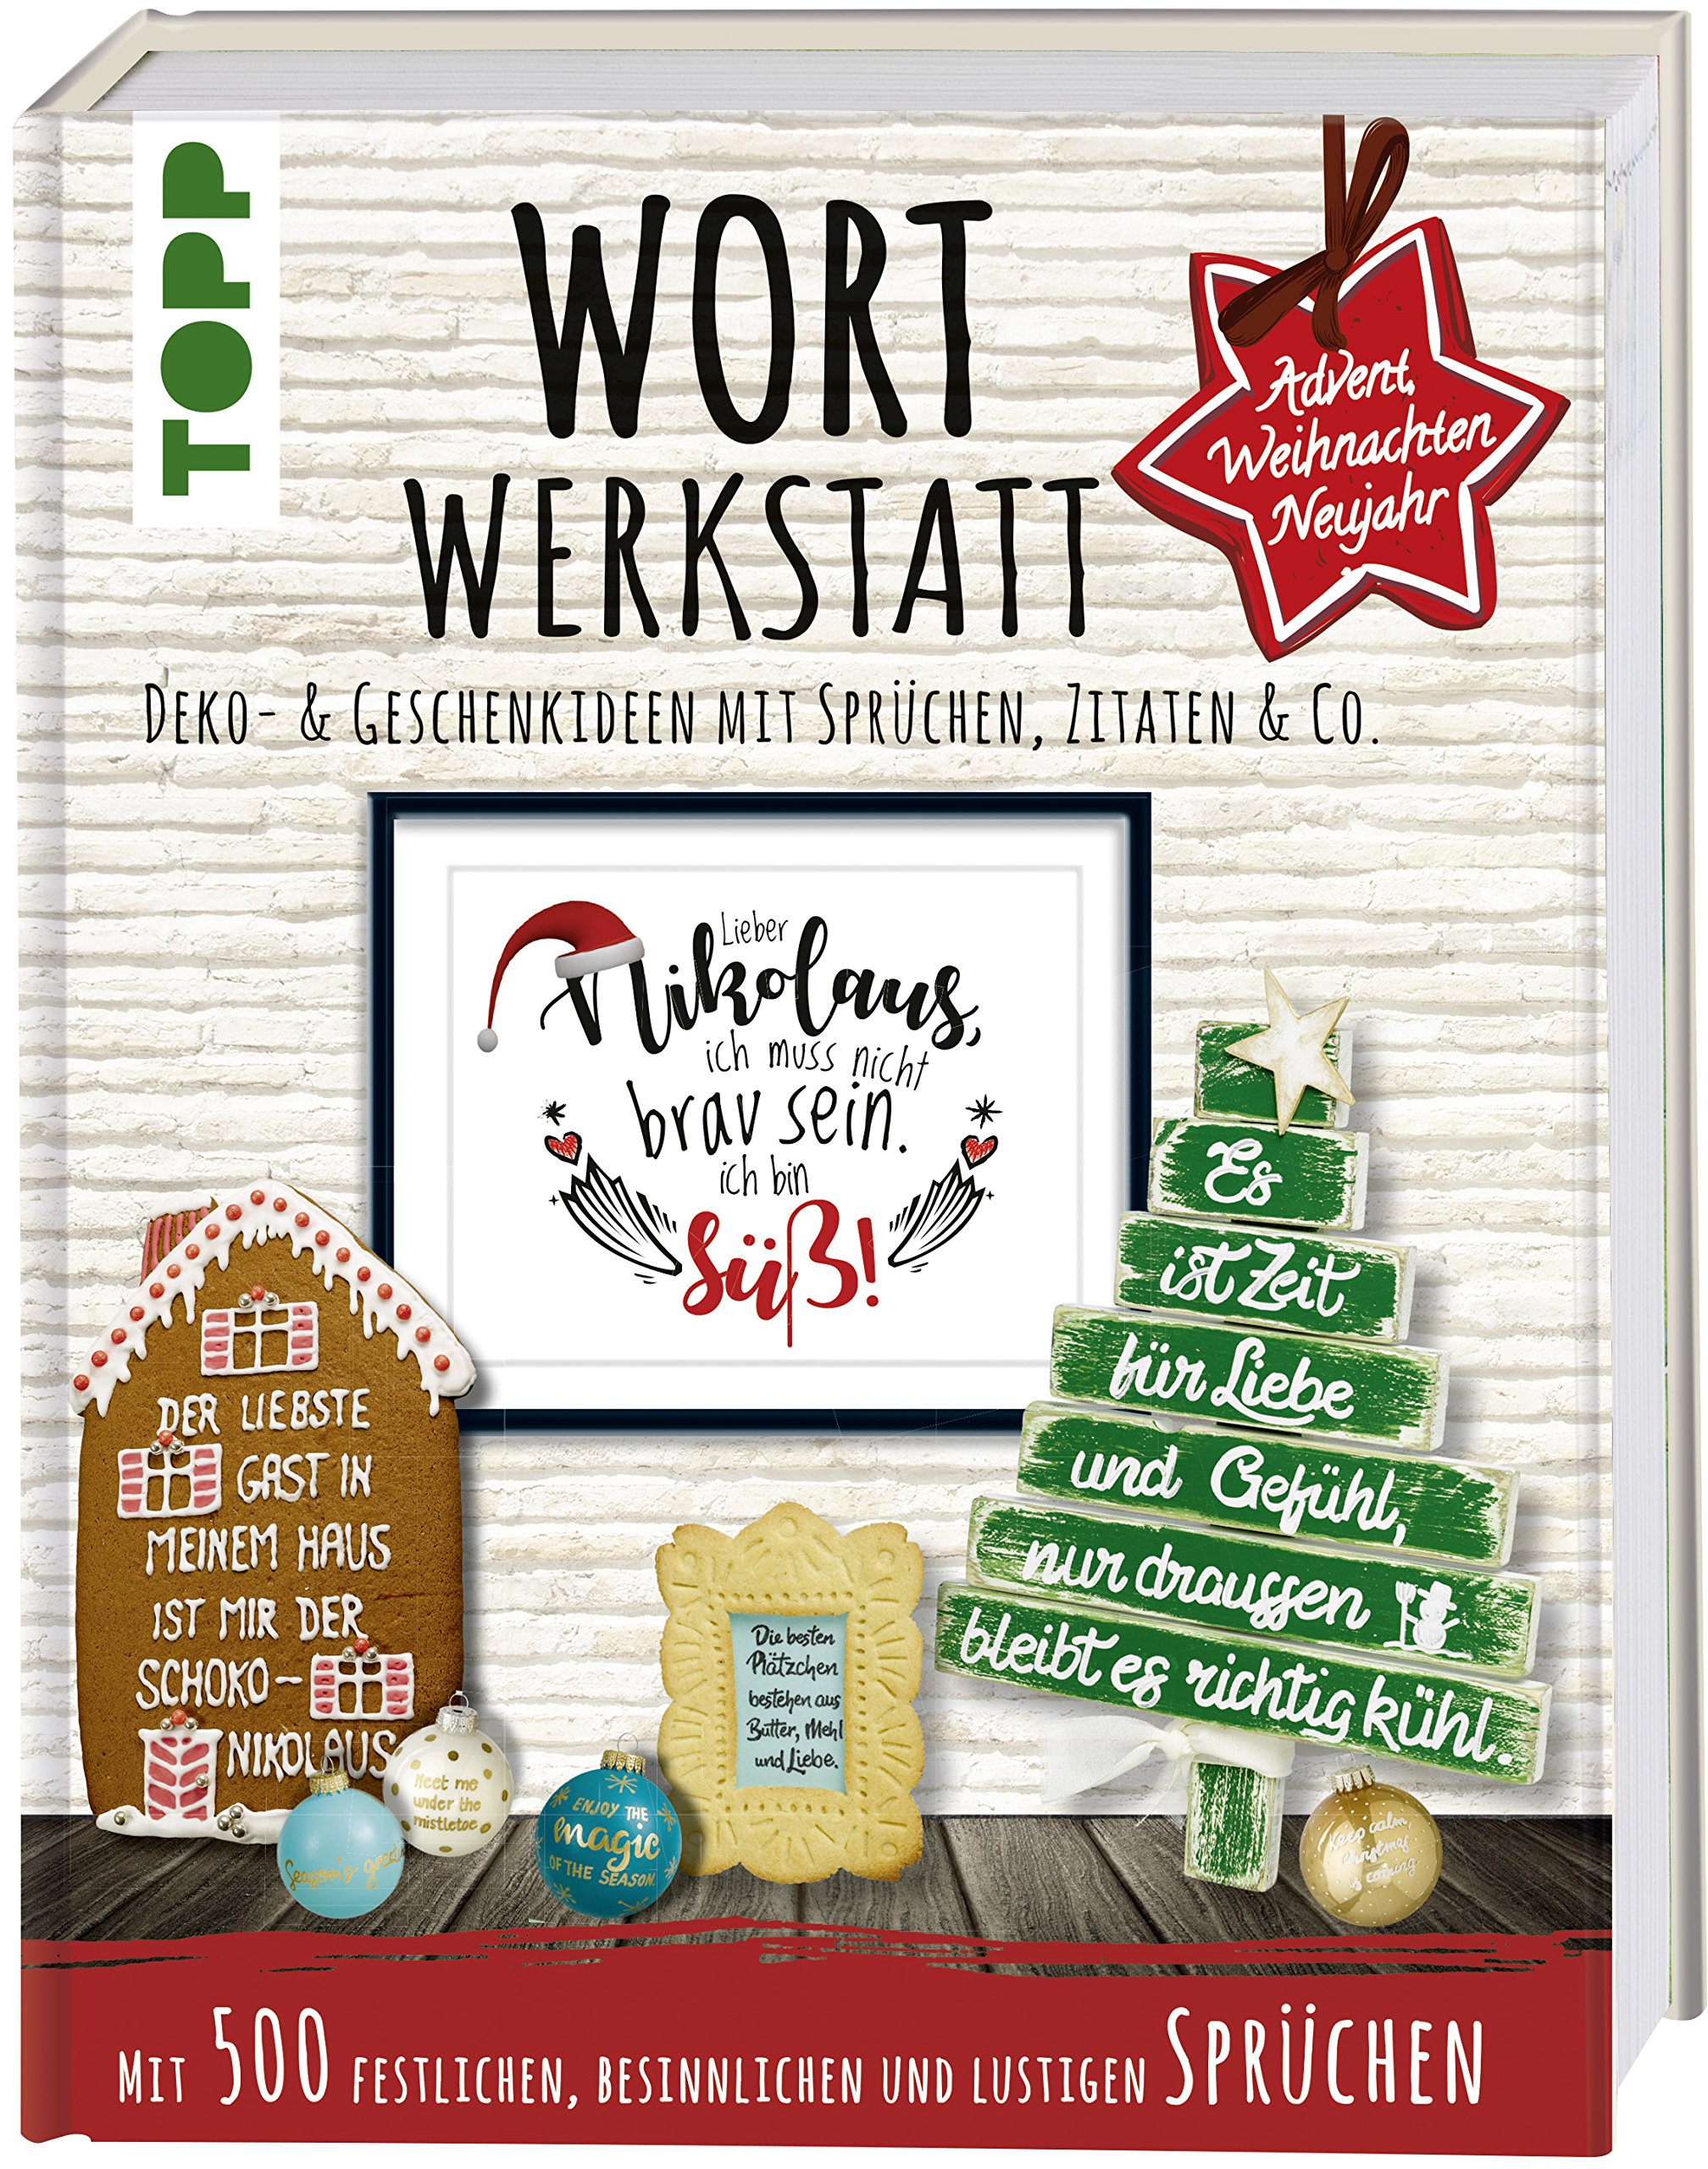 Wortwerkstatt Advent Weihnachten Neujahr Deko